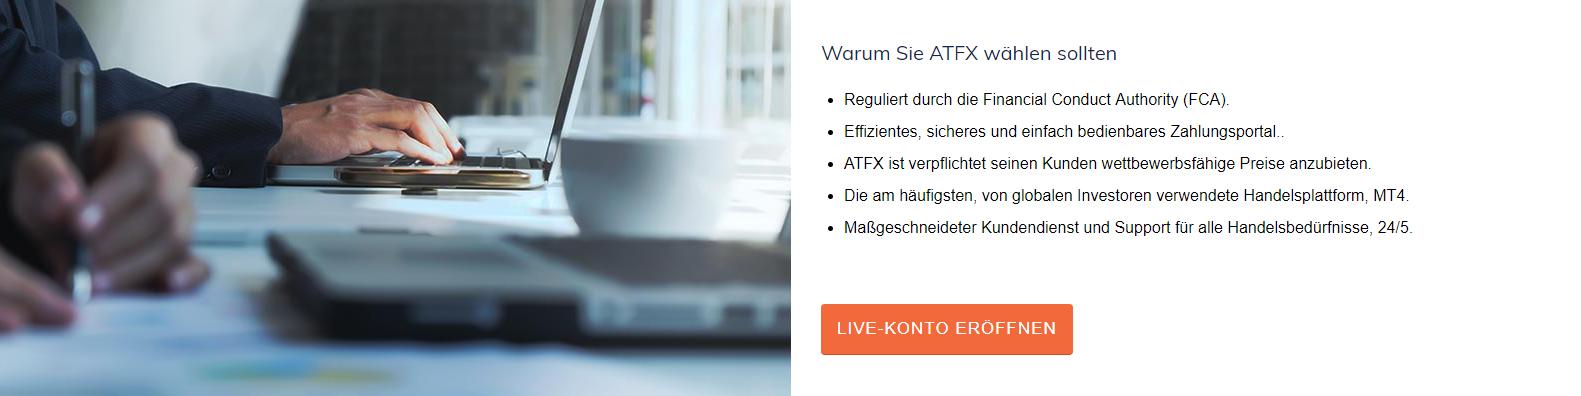 Das sind Gründe für ATFX